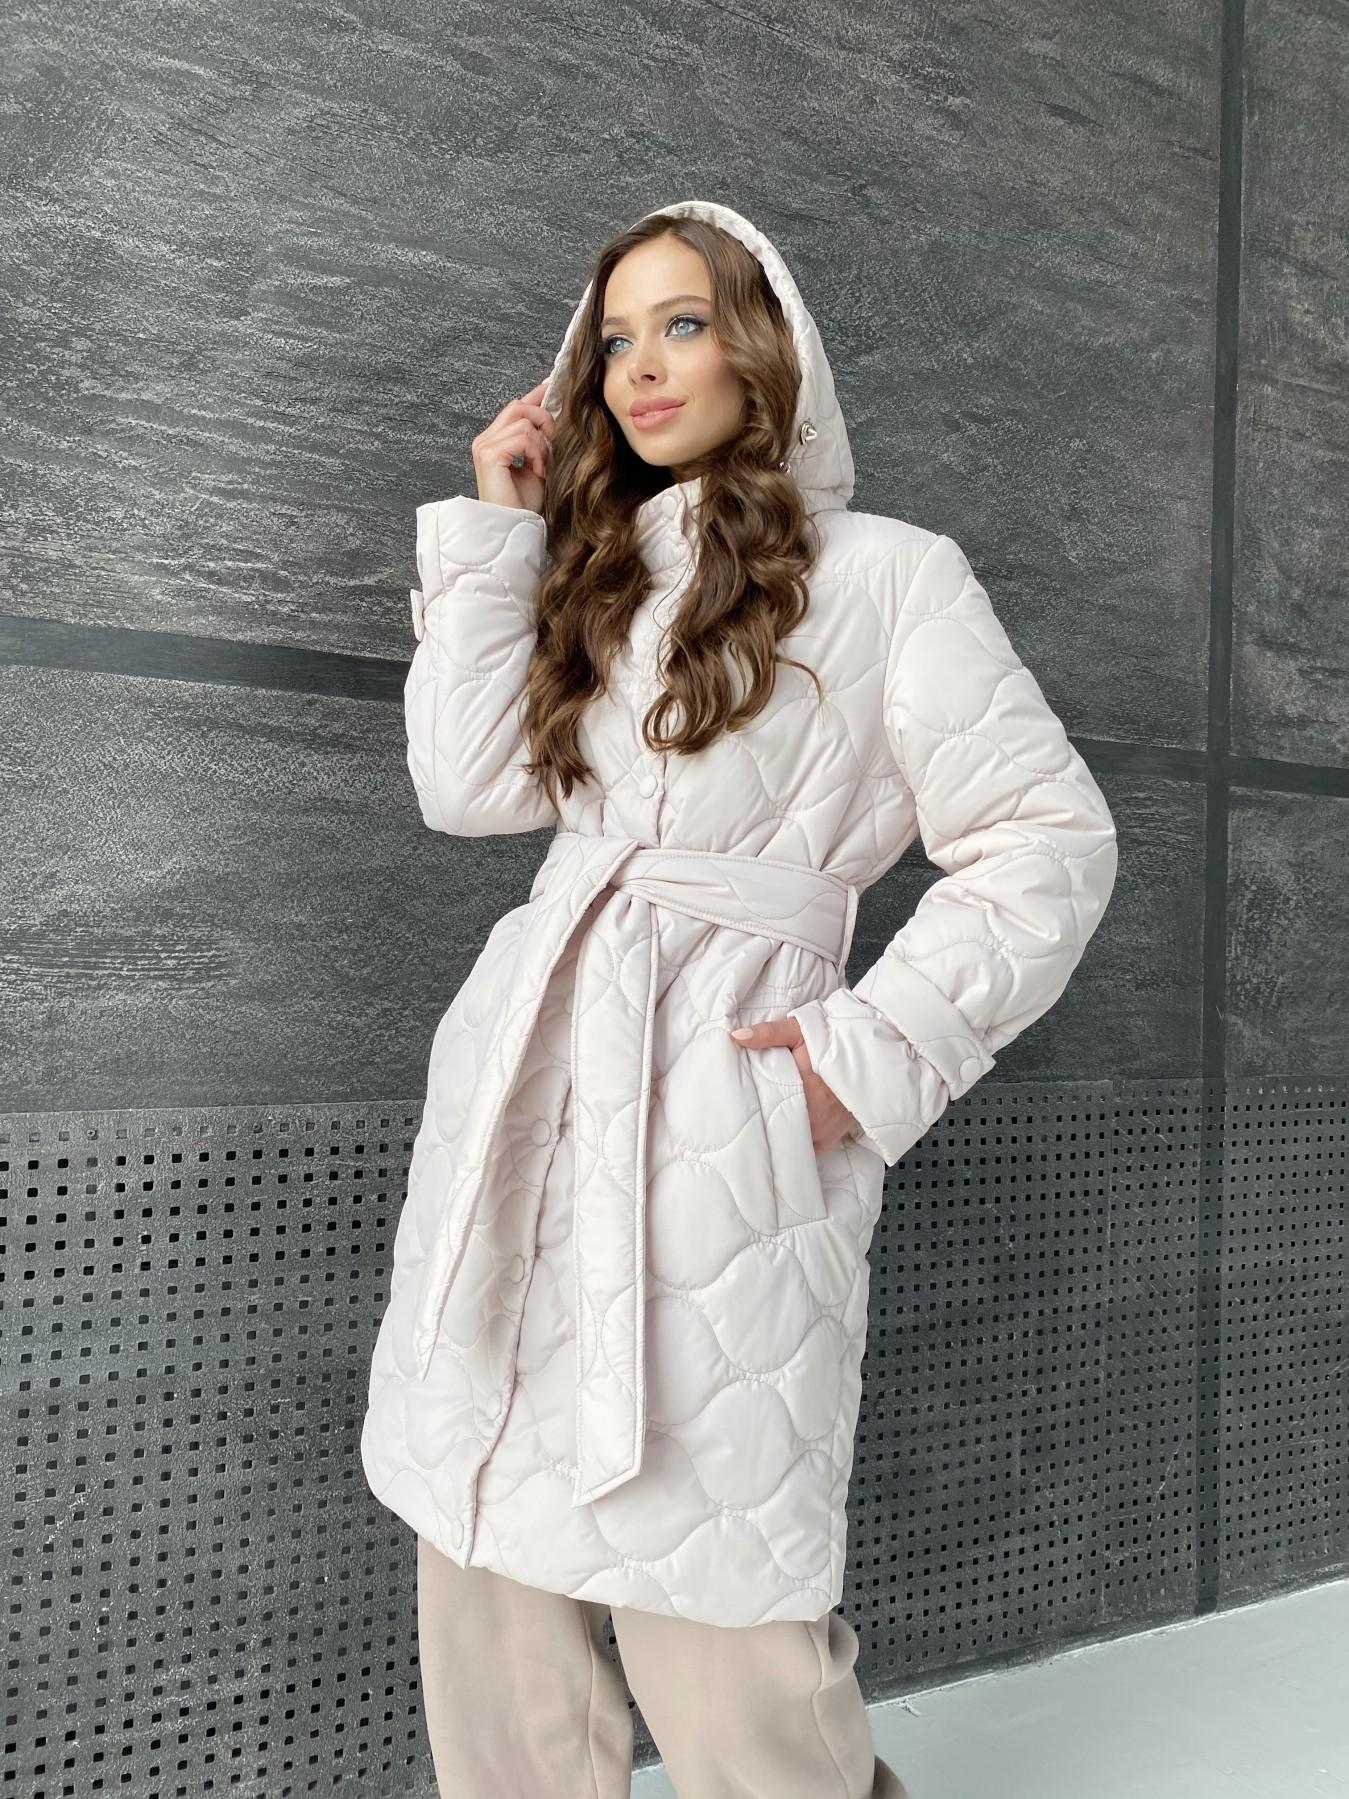 Виза ЗИГЗАГ стеганая куртка из плащевой ткани 11016 АРТ. 47517 Цвет: Бежевый 970 - фото 12, интернет магазин tm-modus.ru